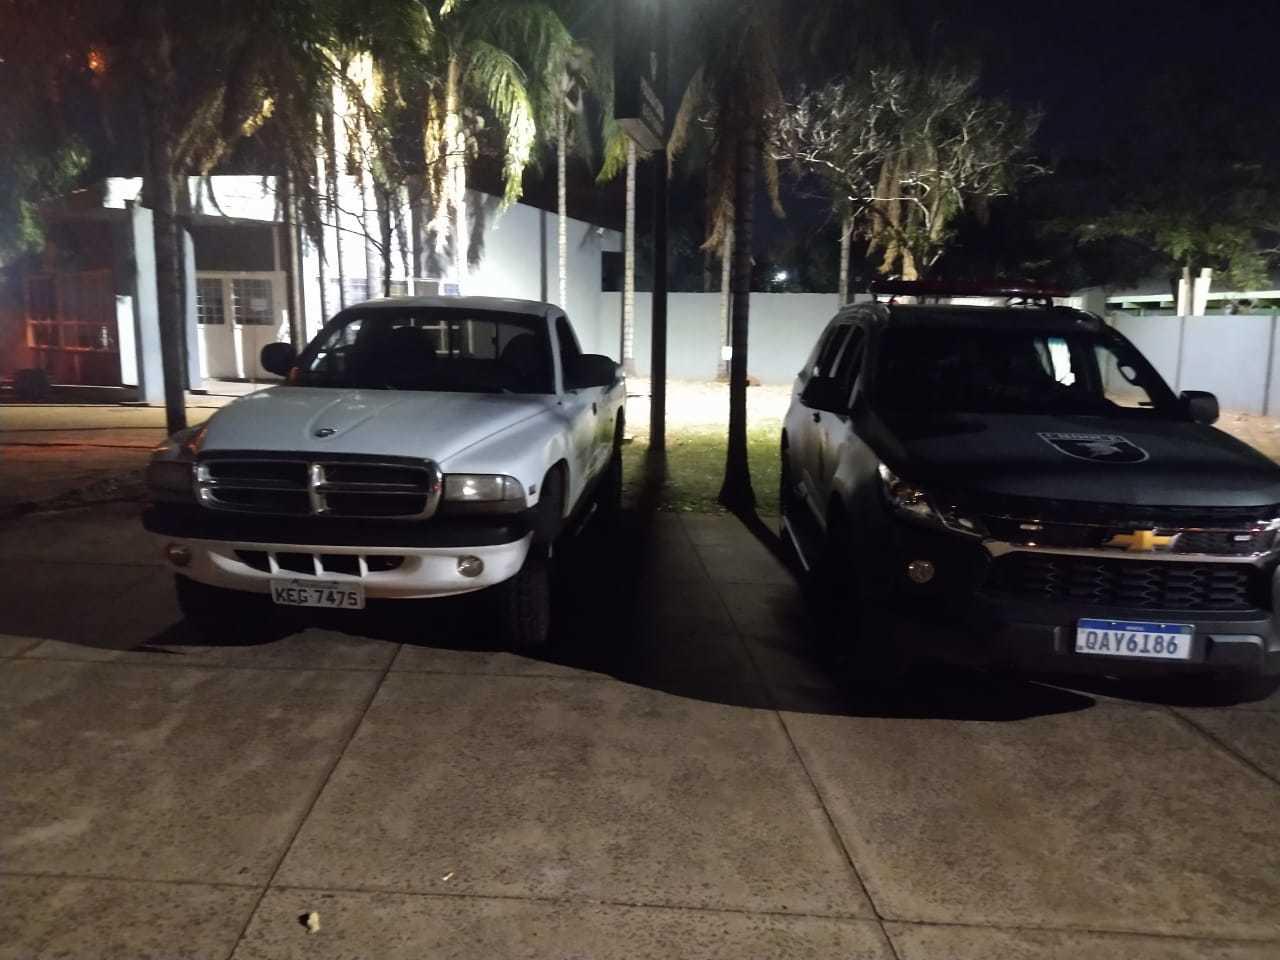 Caminhonete com registro de furto foi recuperada na noite de ontem (Foto: Batalhão de Choque/Divulgação)